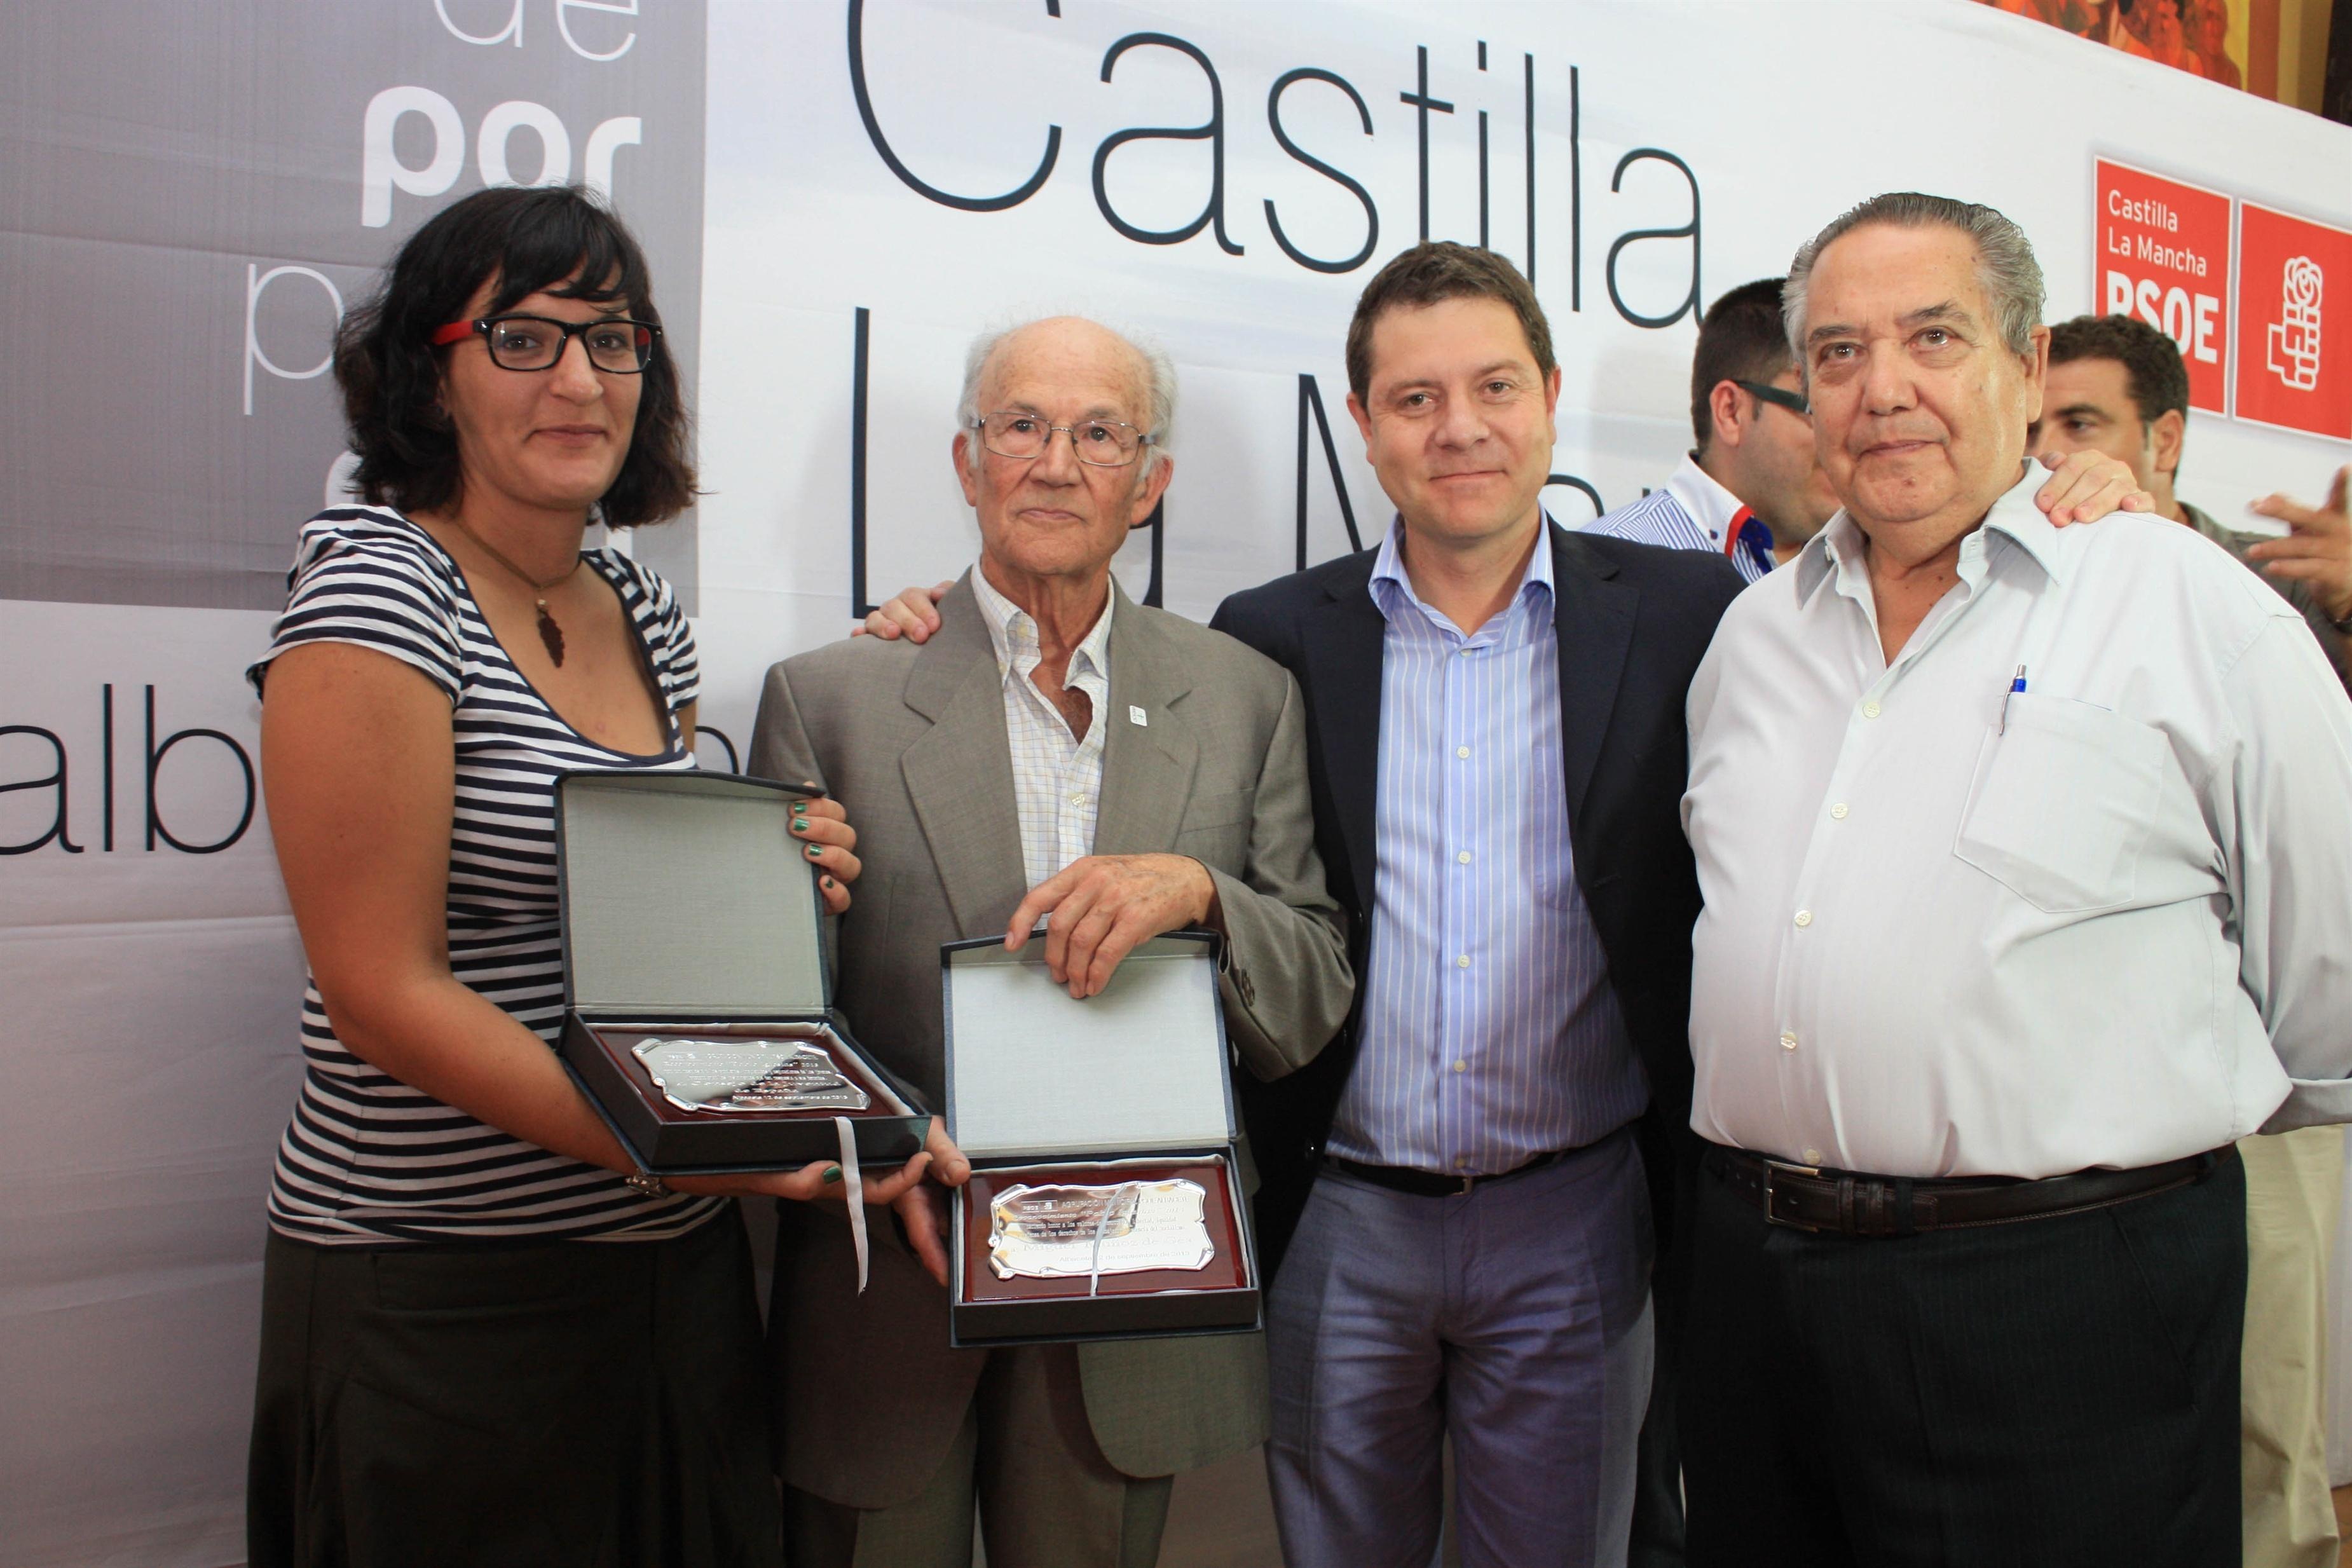 Page entrega en Albacete los premios »Pablo Iglesias» que reconocen la defensa de los valores socialistas